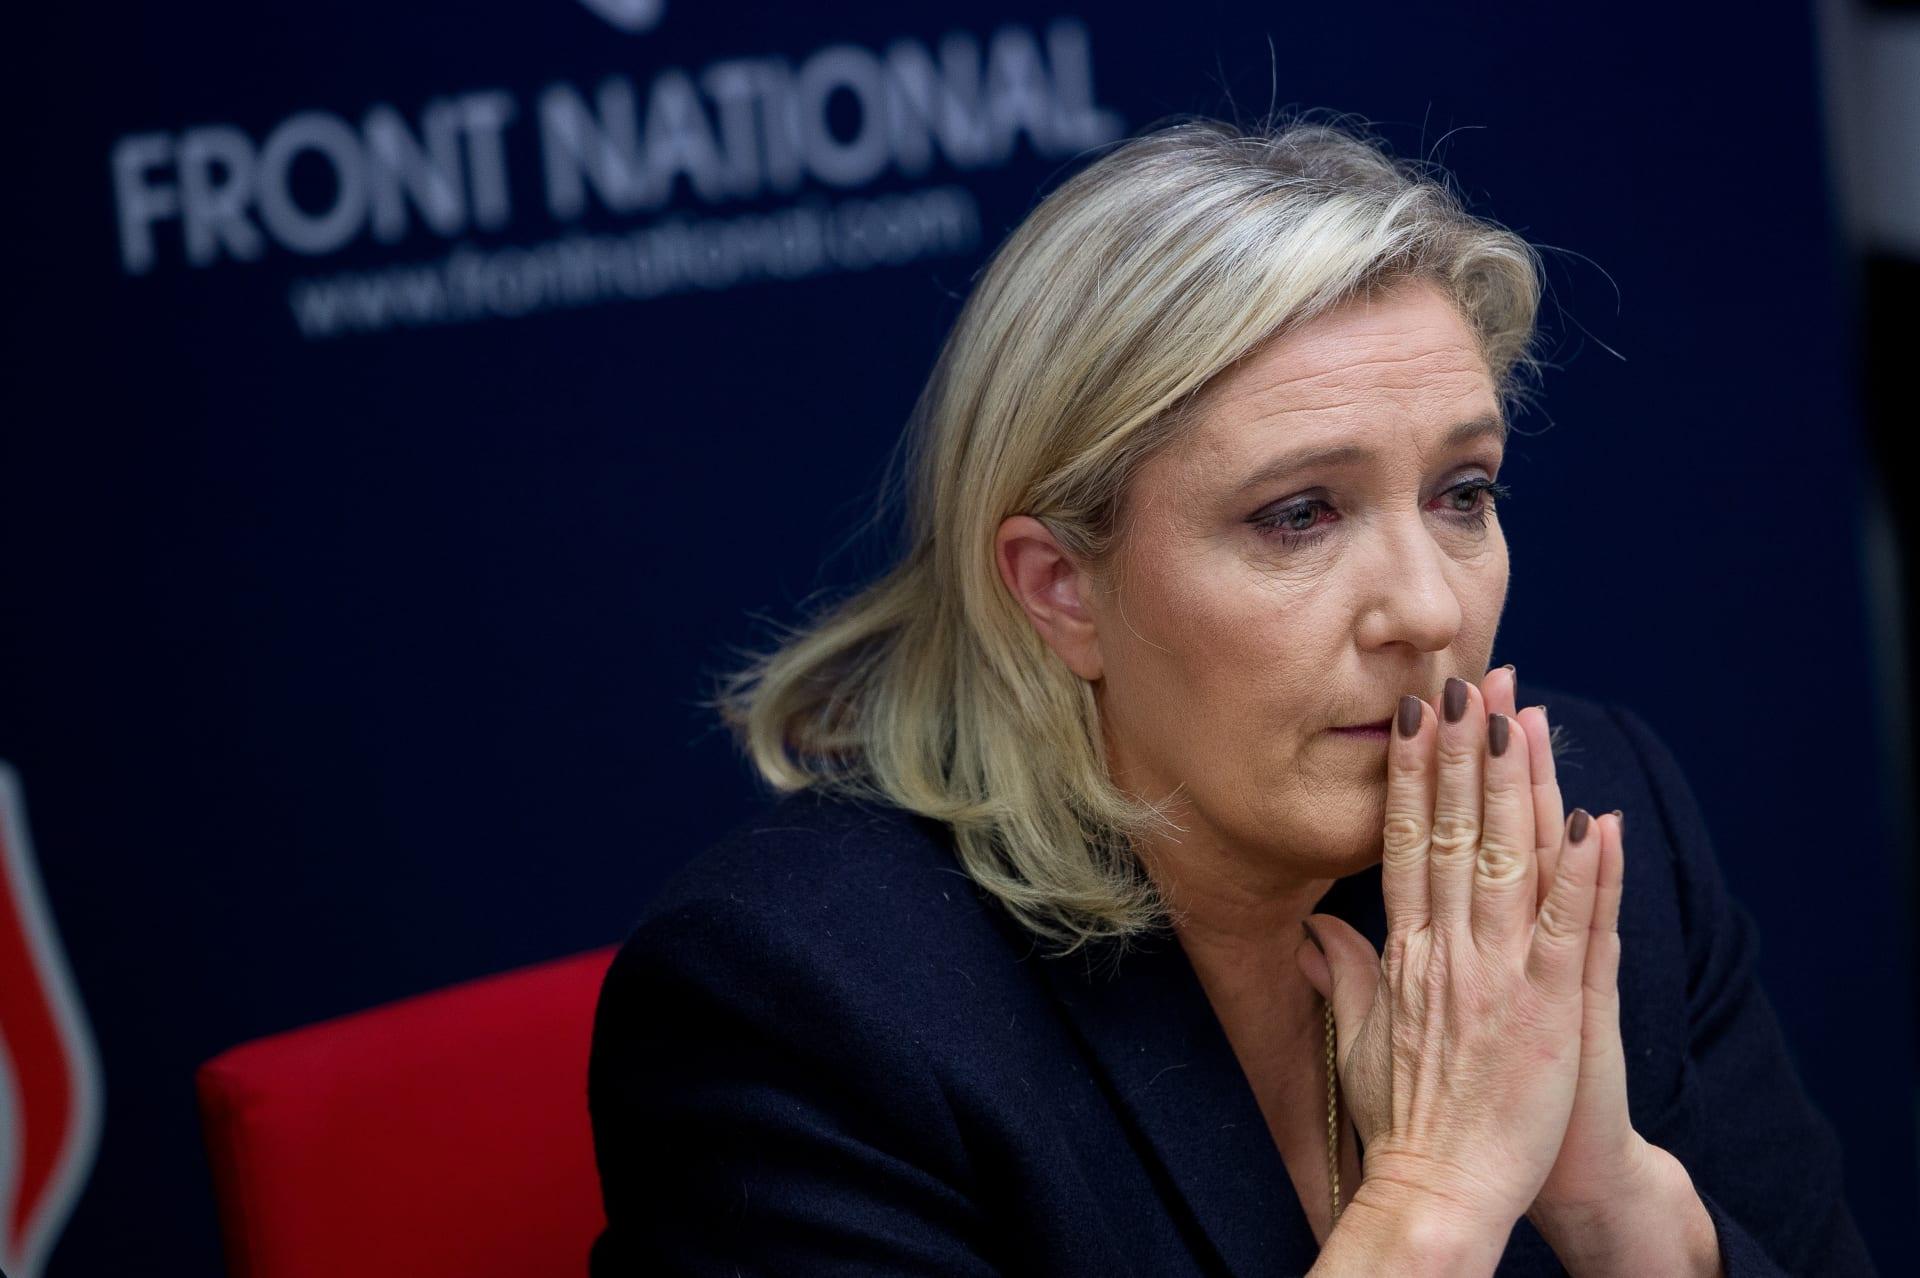 مرشحة الرئاسة الفرنسية مارين لوبان تفقد الحصانة لنشرها صوراً عنيفة لداعش على تويتر